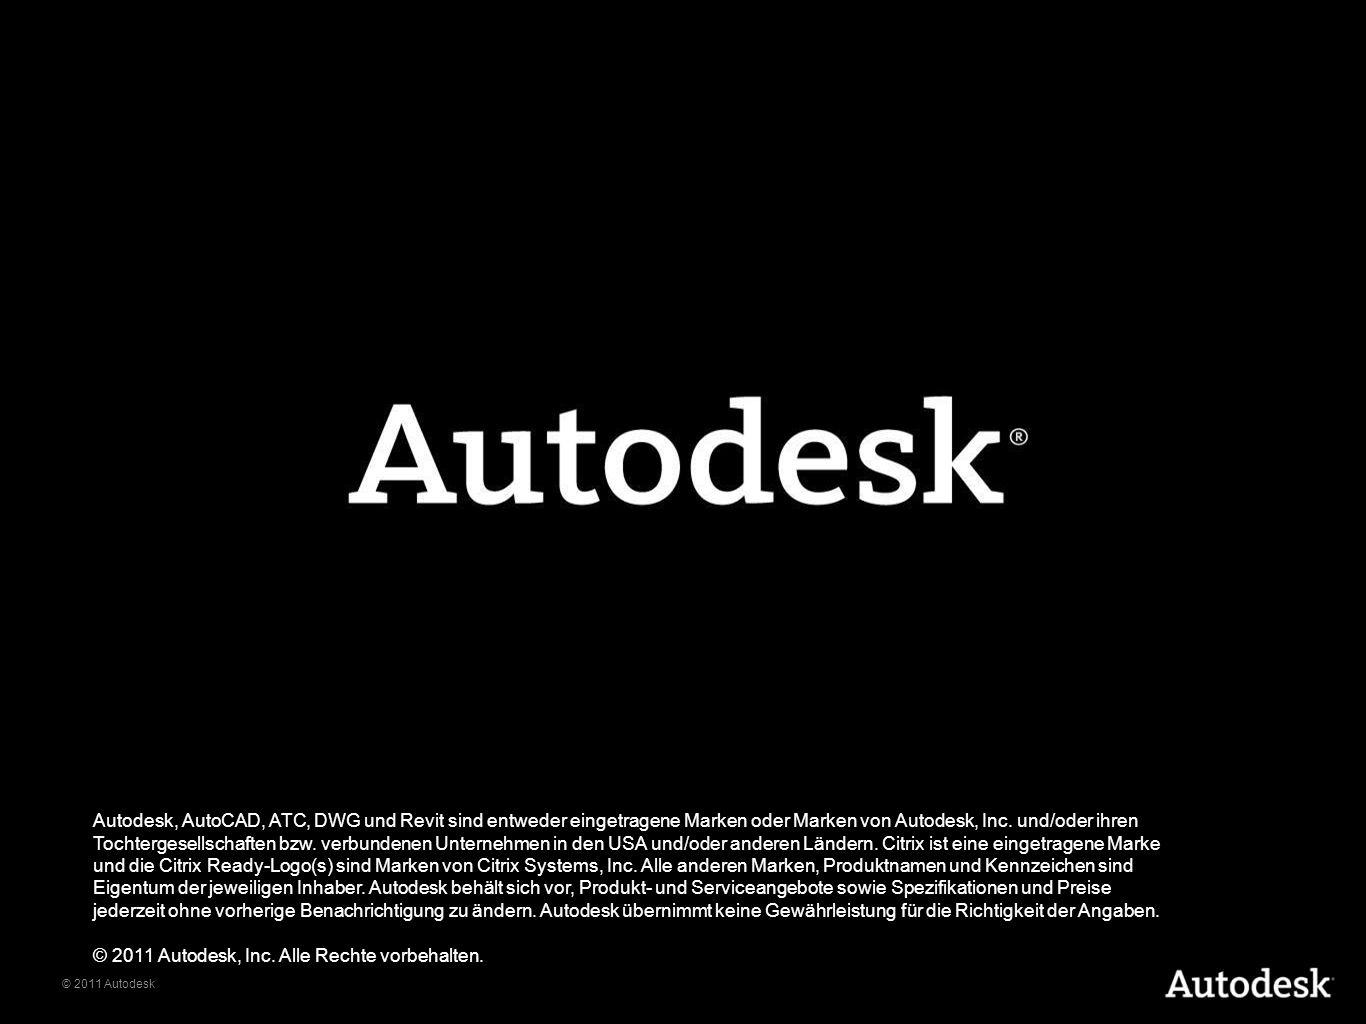 © 2011 Autodesk Autodesk, AutoCAD, ATC, DWG und Revit sind entweder eingetragene Marken oder Marken von Autodesk, Inc. und/oder ihren Tochtergesellsch